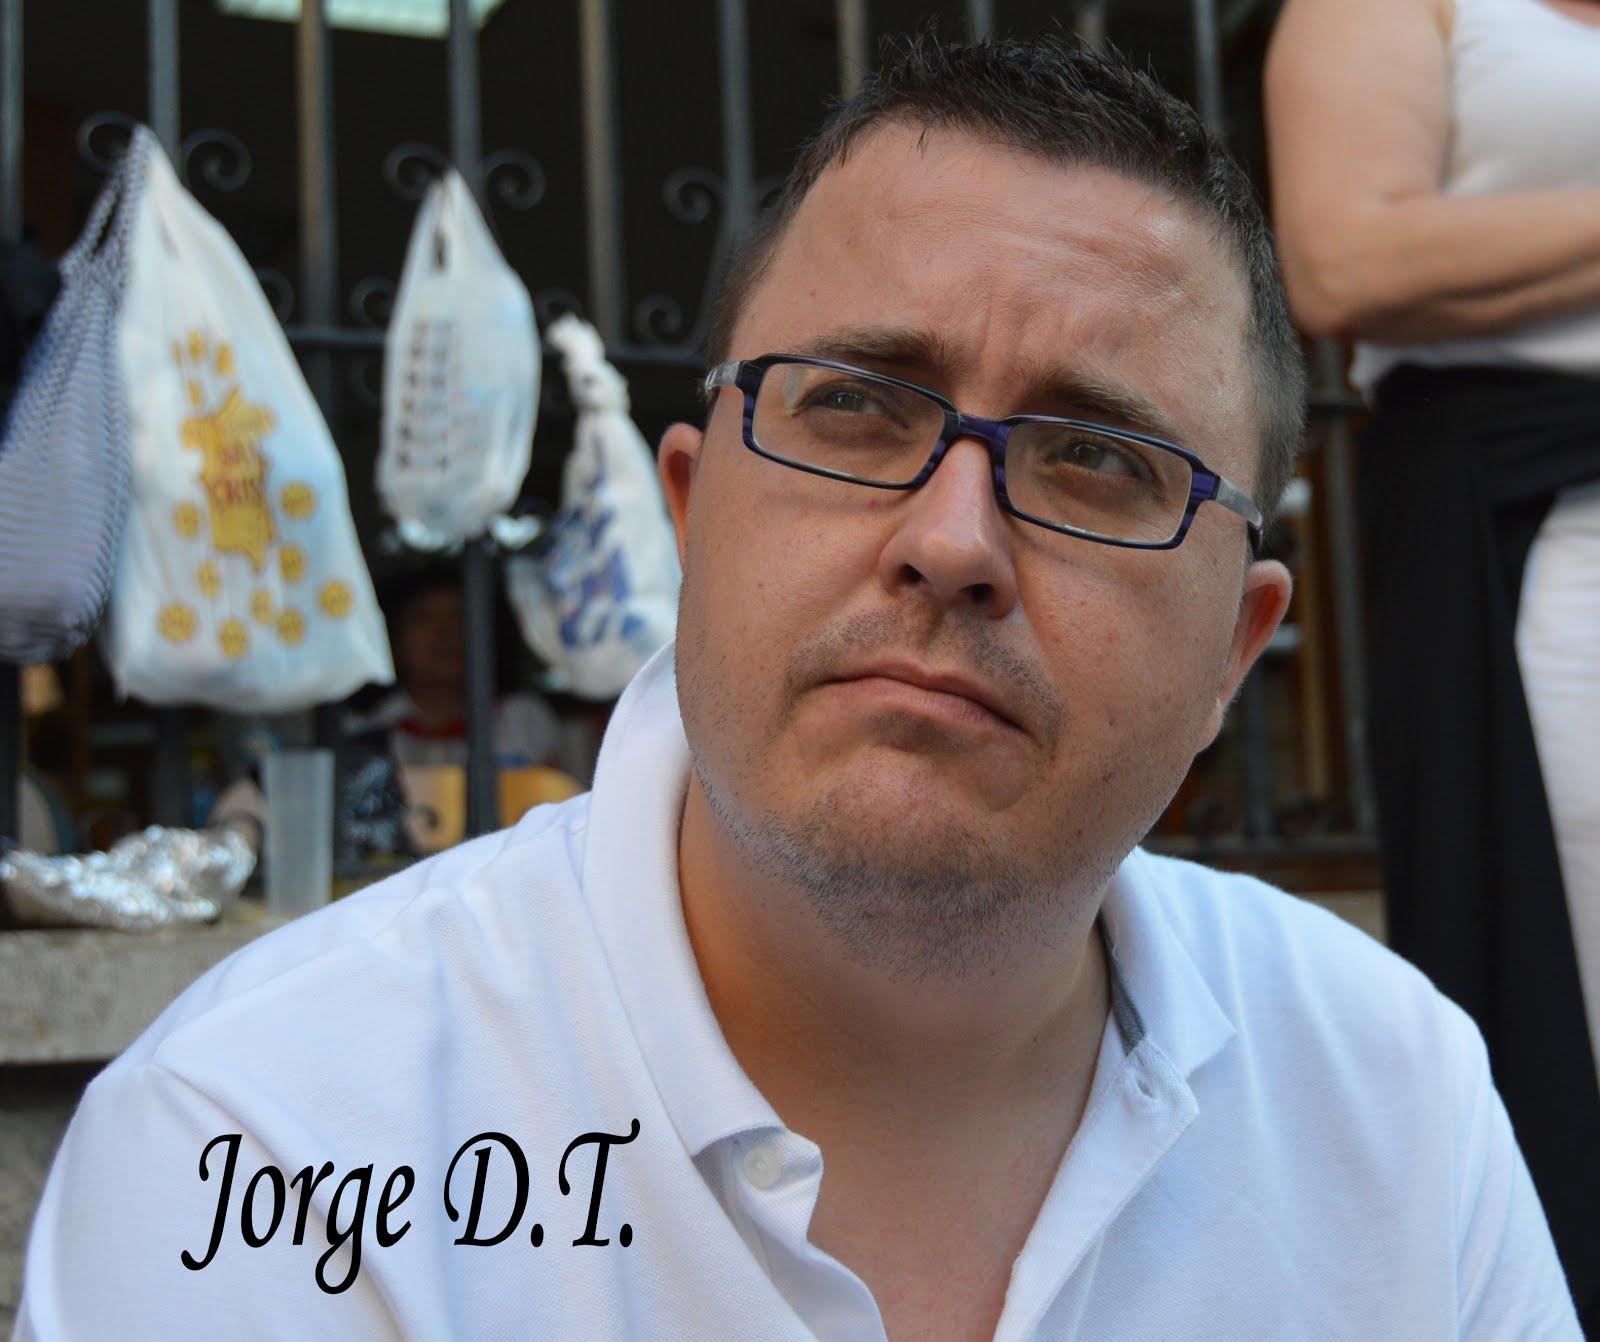 Jorge D.T.